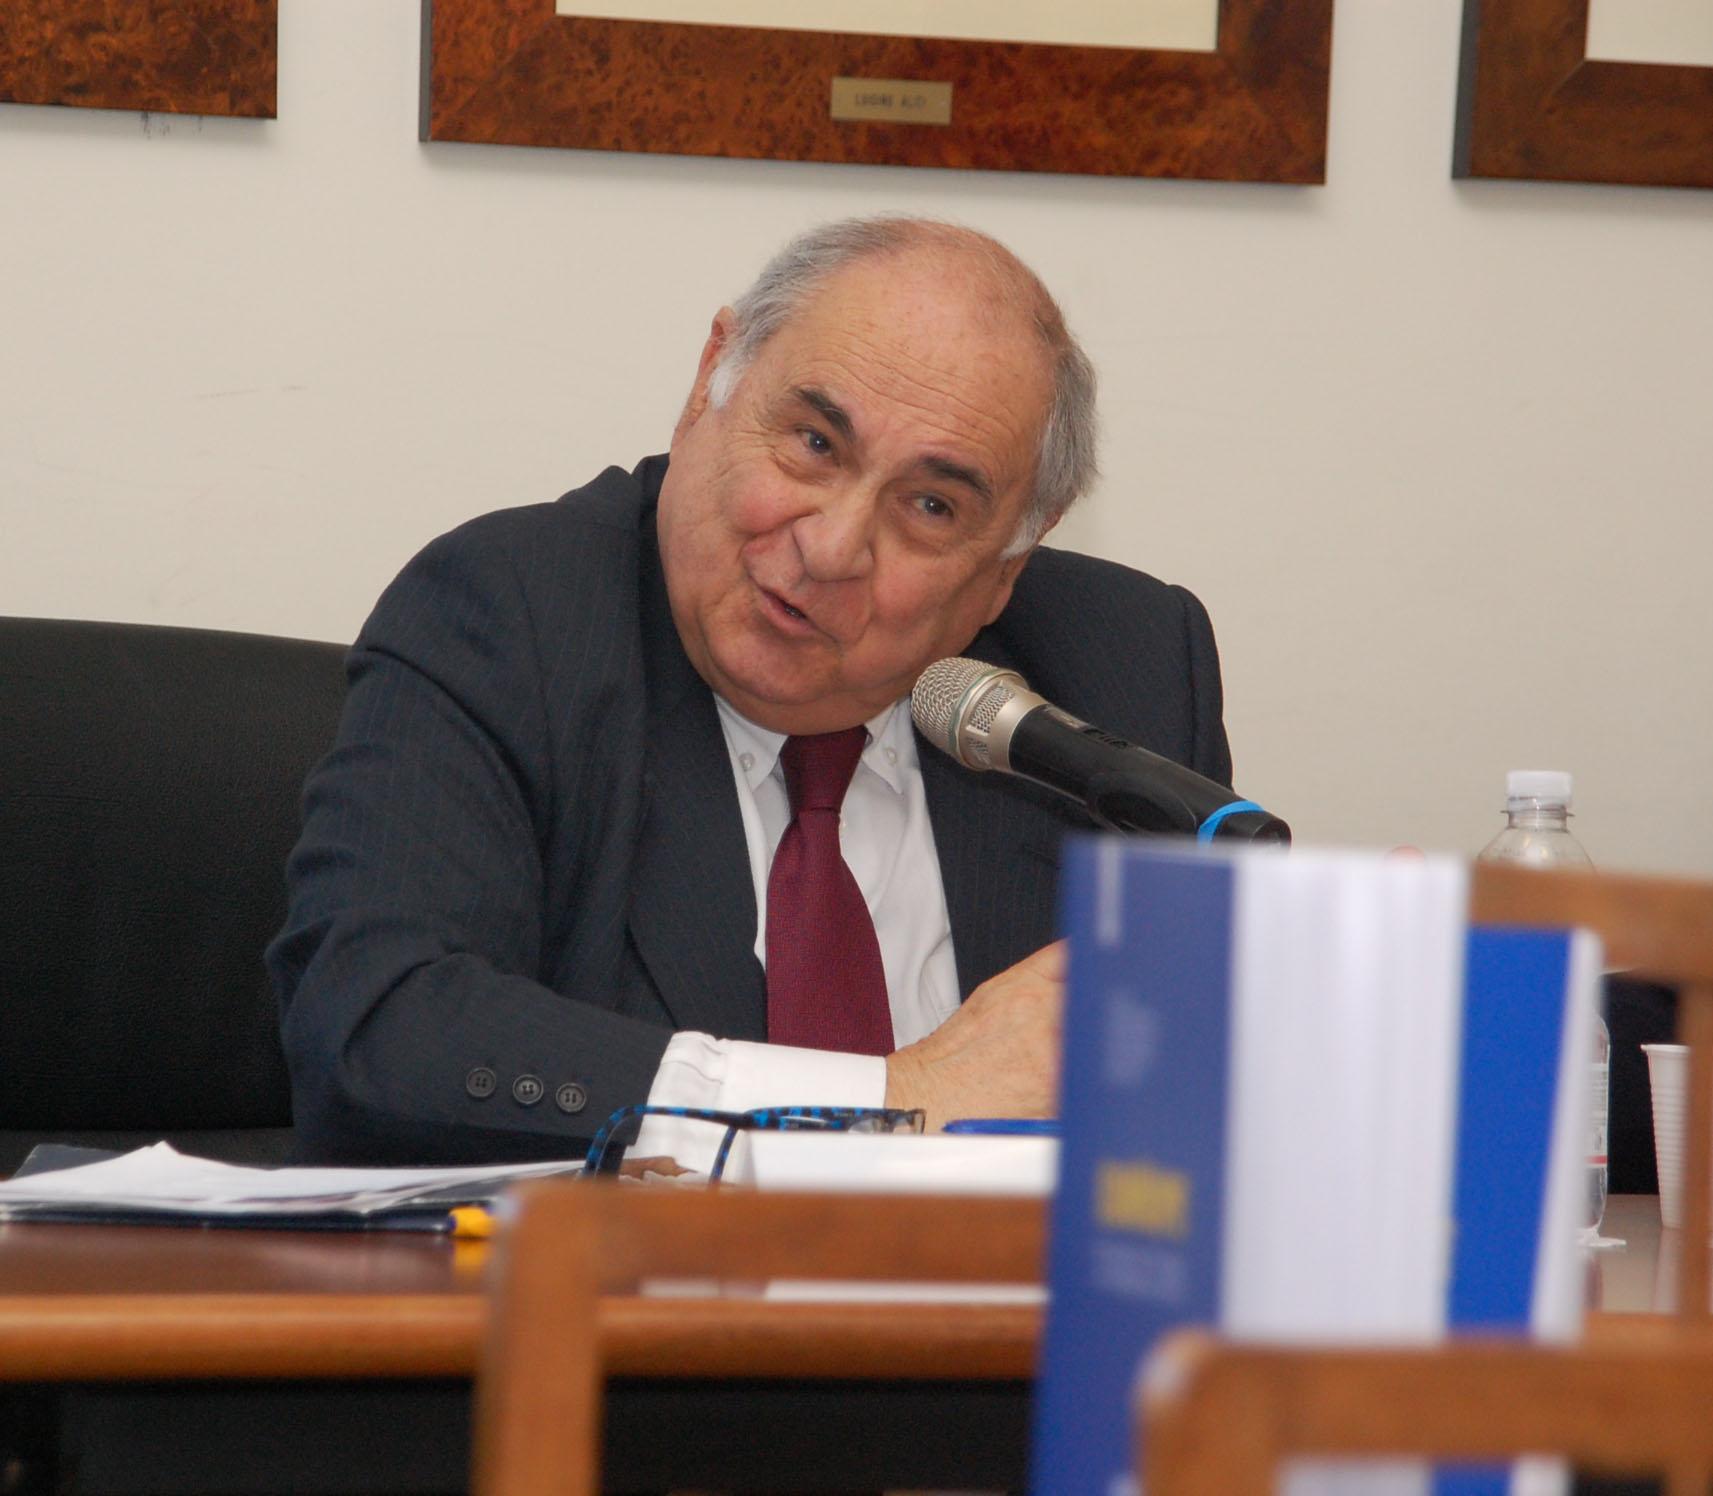 Ugo Villani